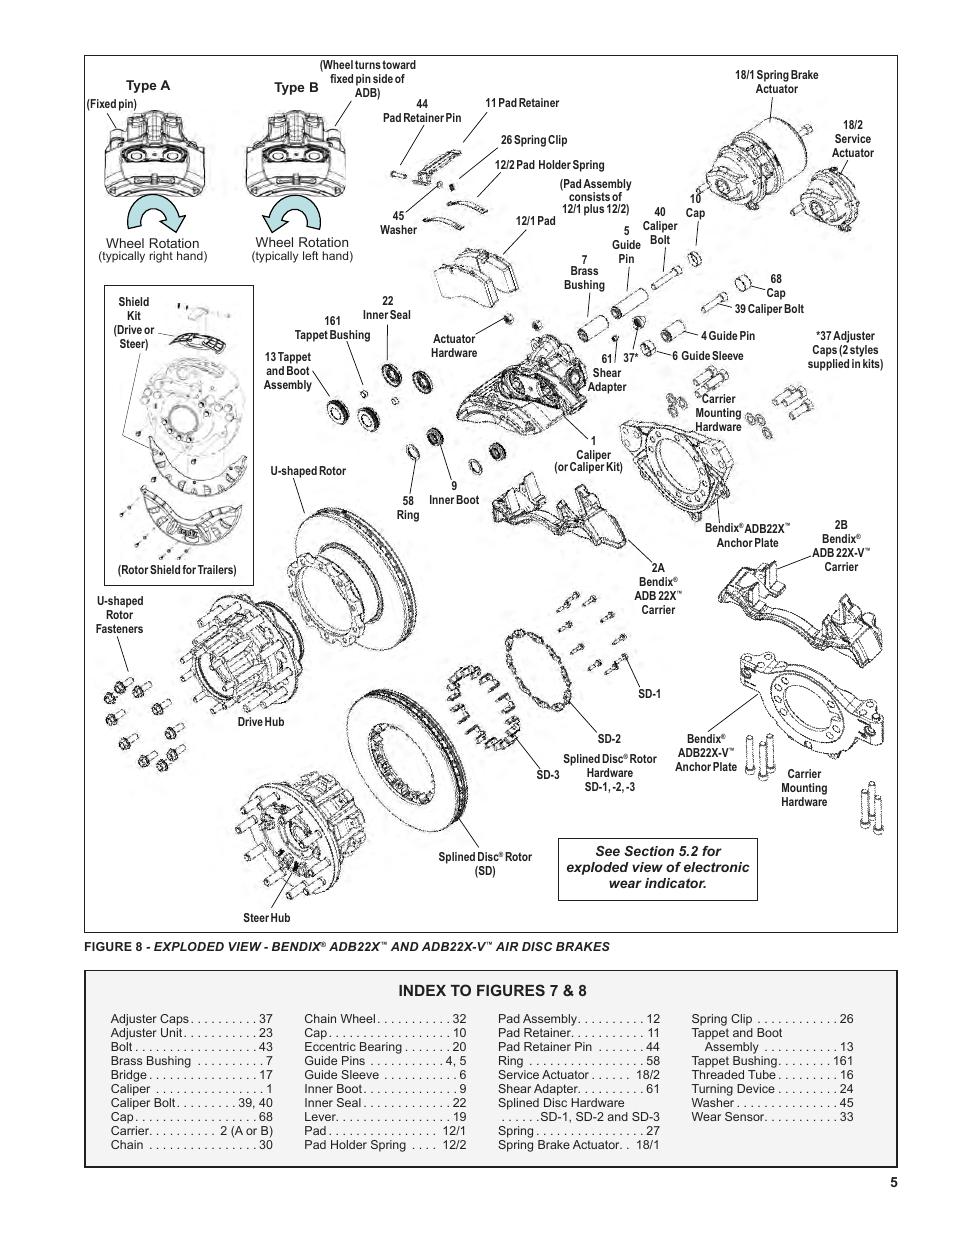 Service manual Repair Guides Bendix System 10 Bendix  954 x 1235 png ken-tool-bendix-adb22x-v-air-disc-brakes-page5.png